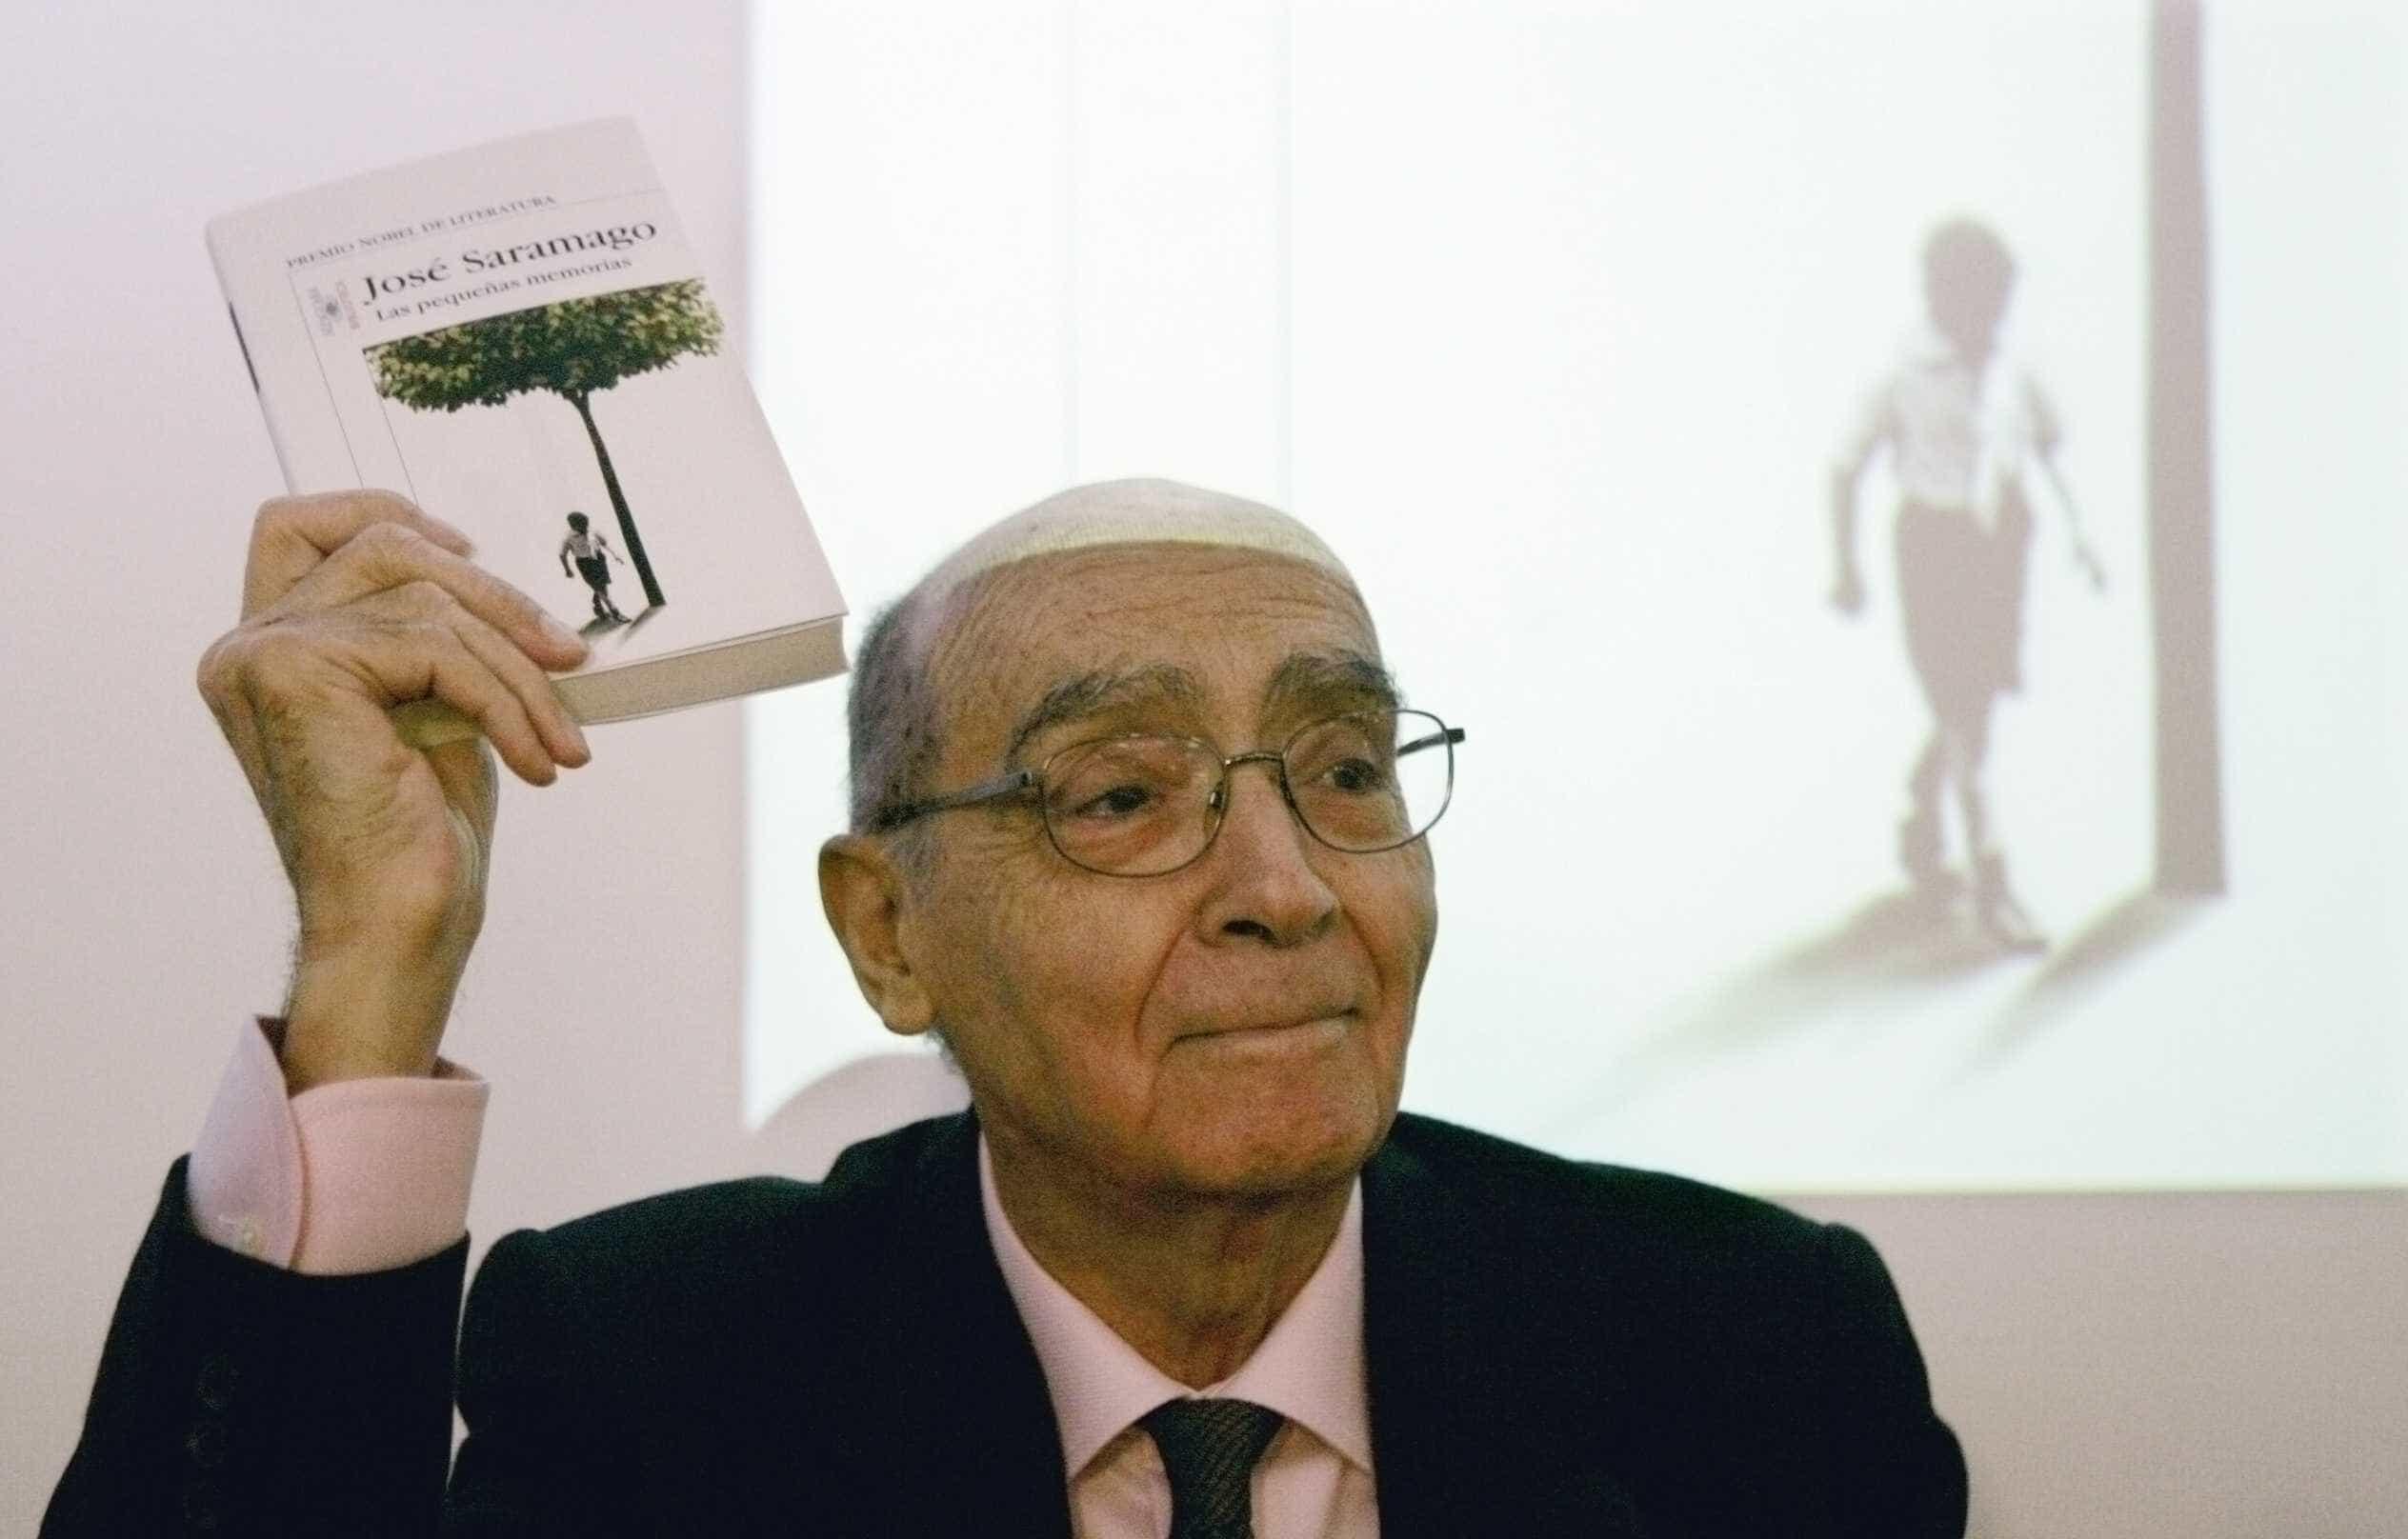 Diário inédito de José Saramago deve sair em outubro